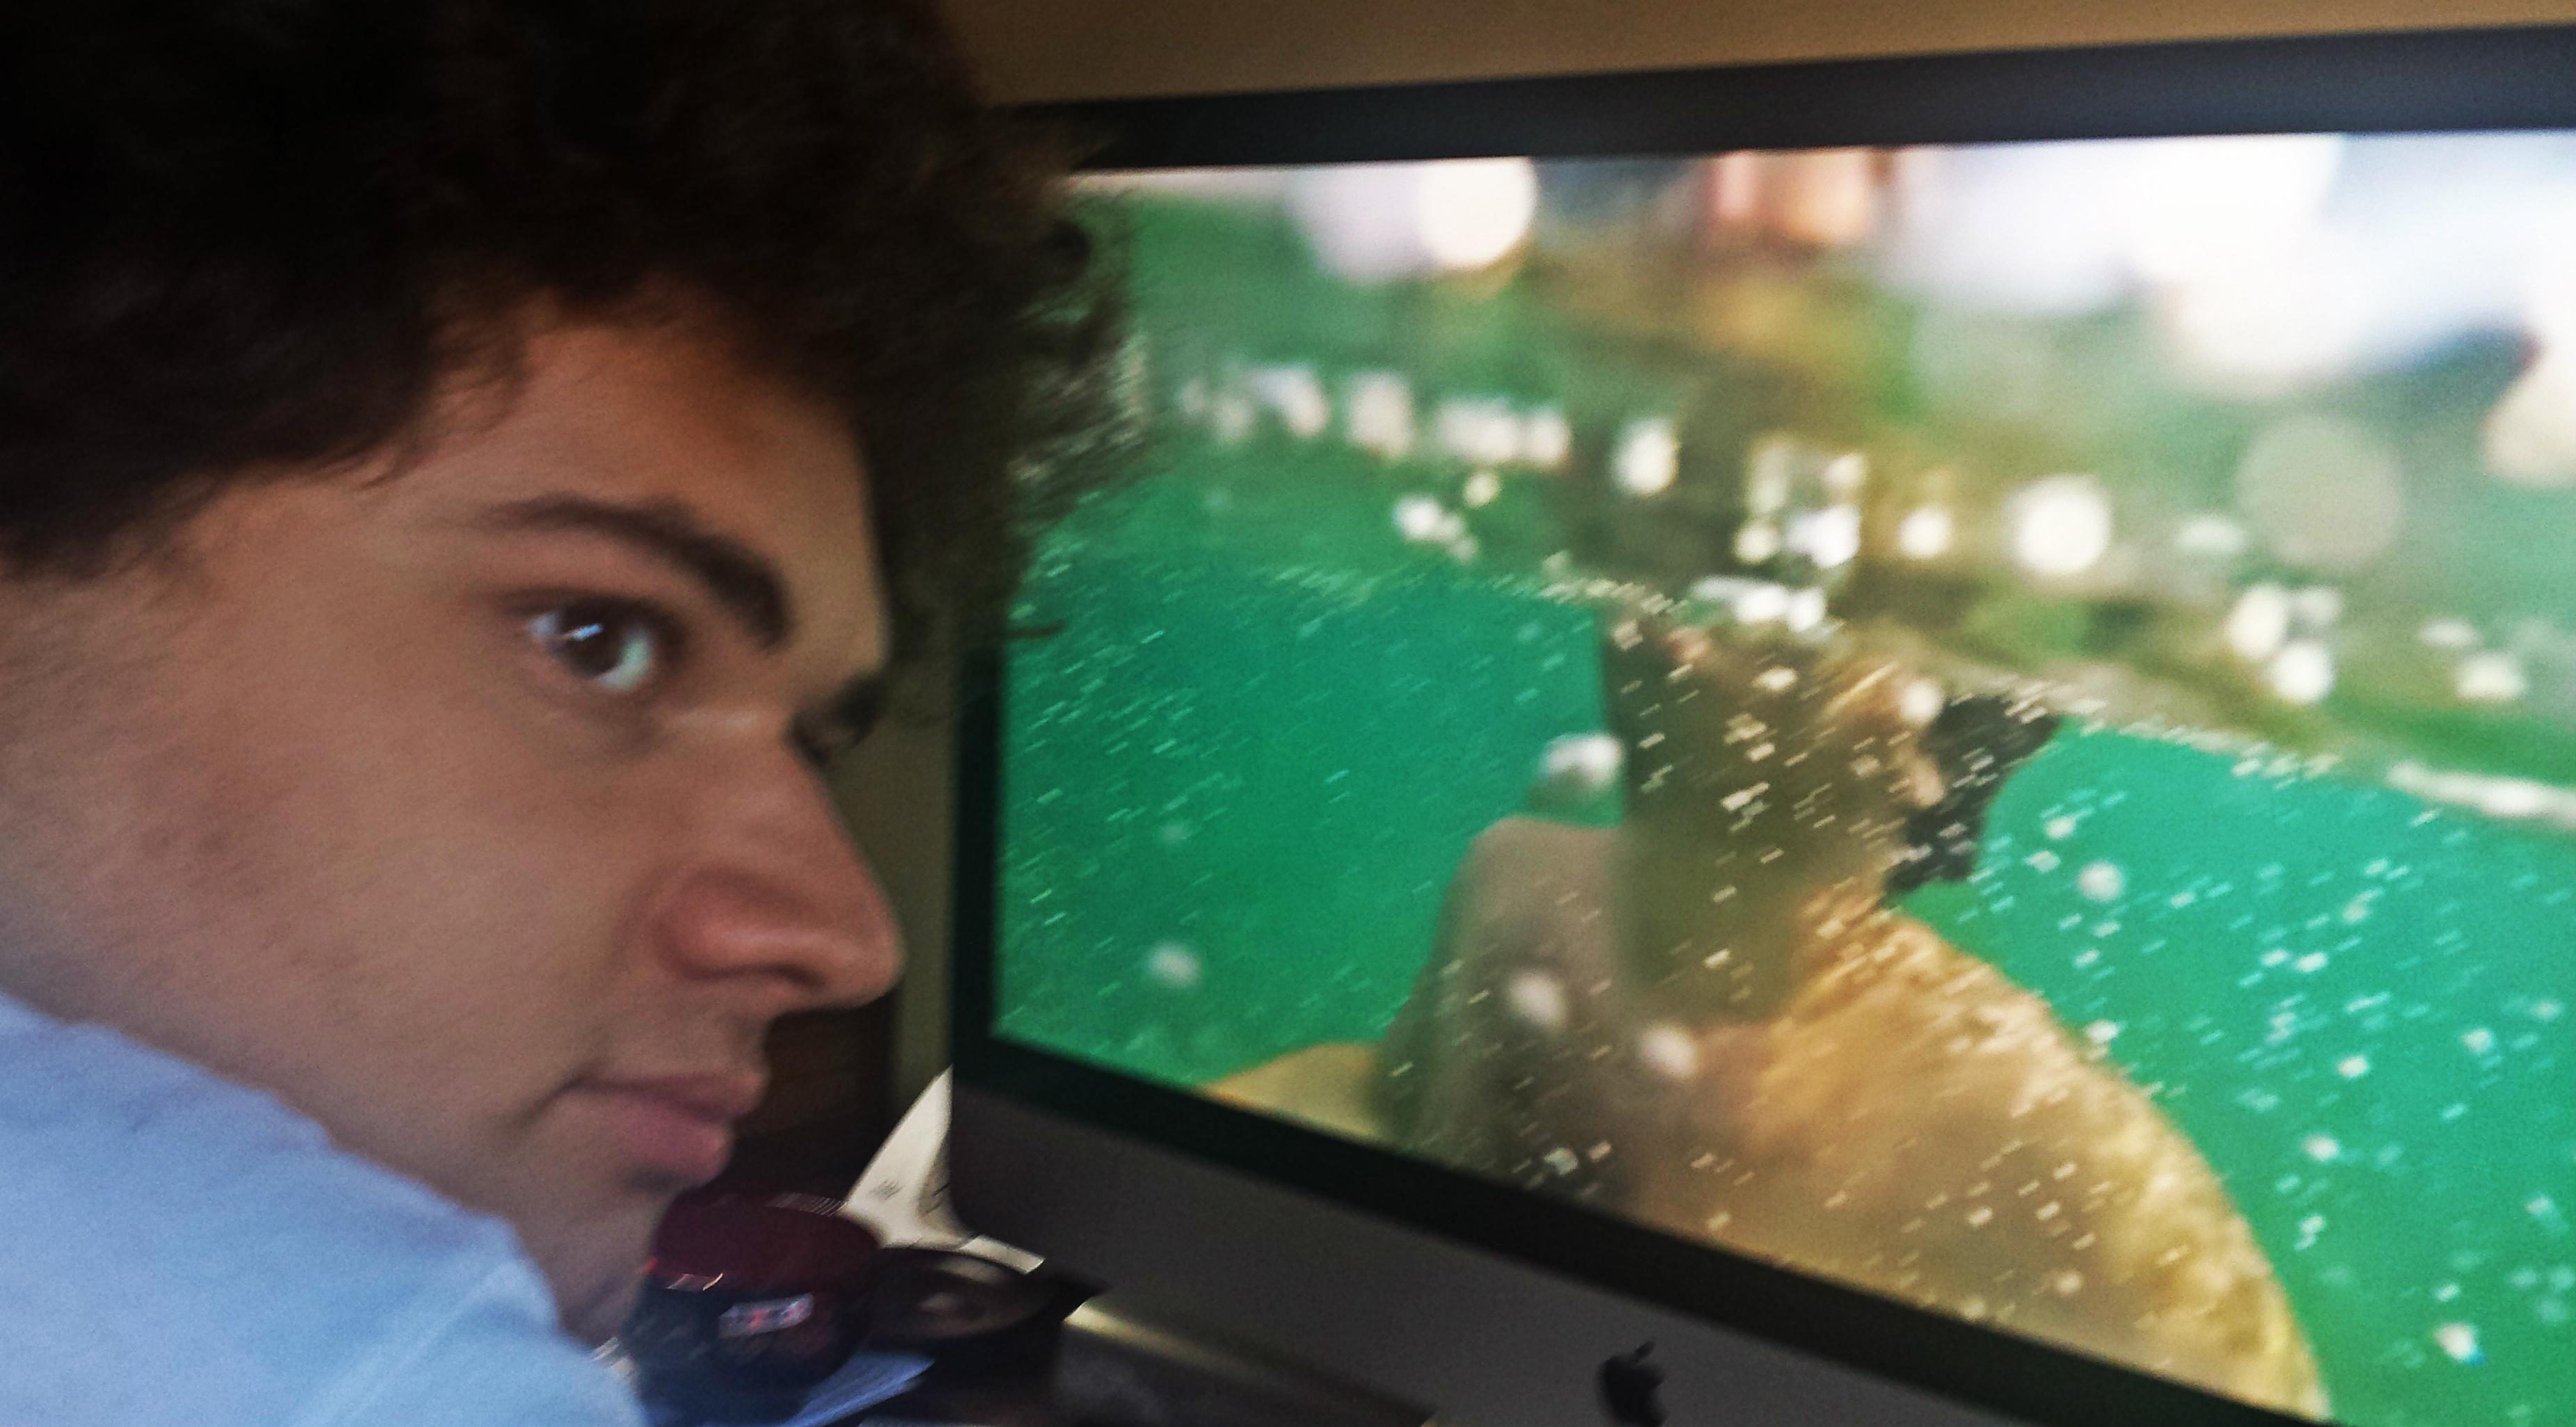 Gli autistici di notte sognano d' essere pesci